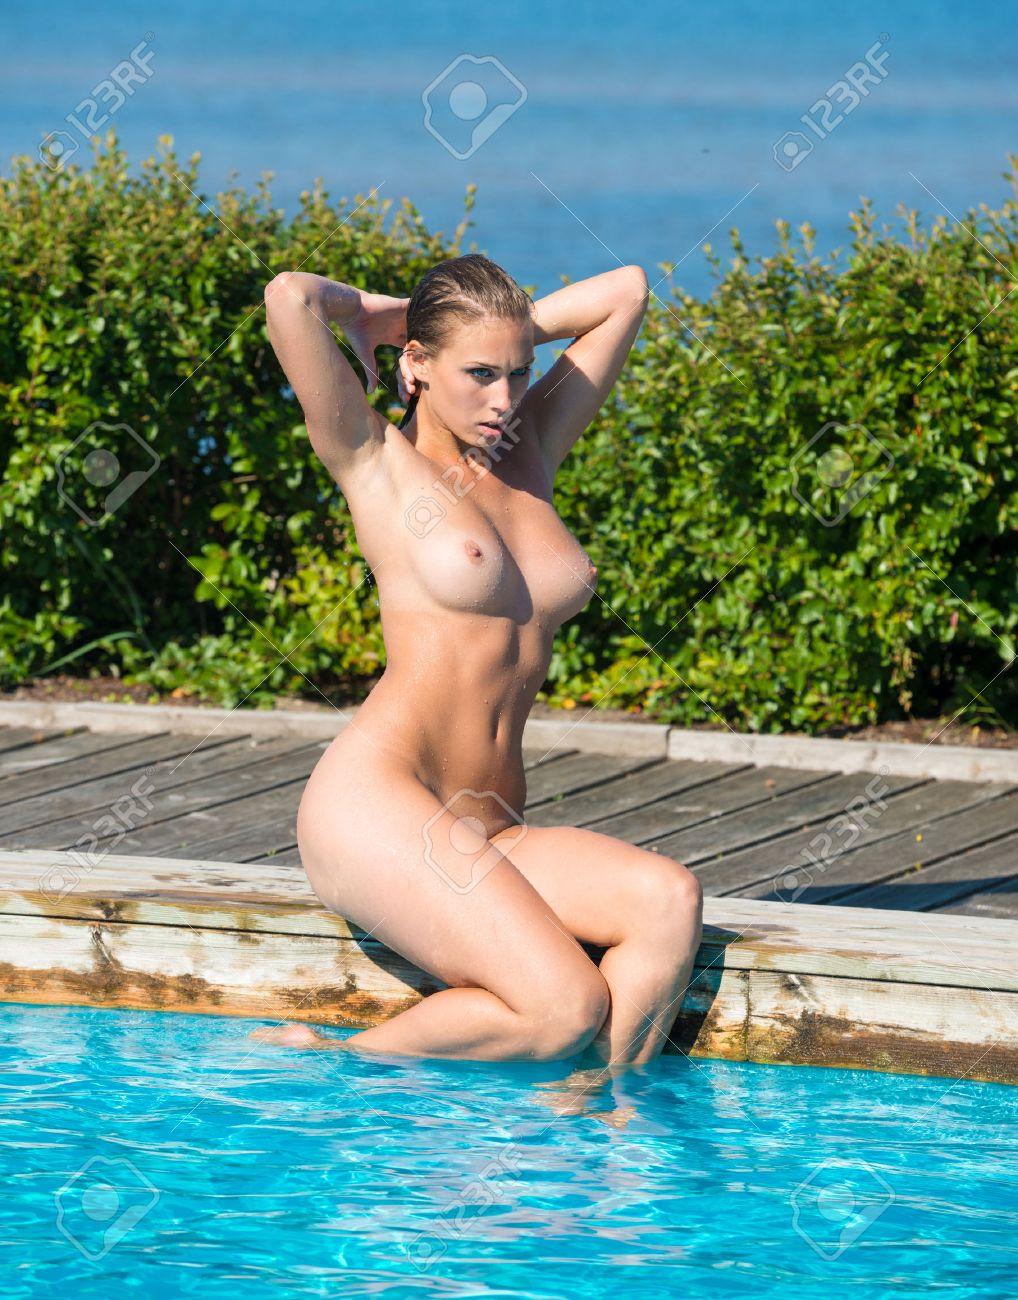 Mädchen im schwimmbad nackt